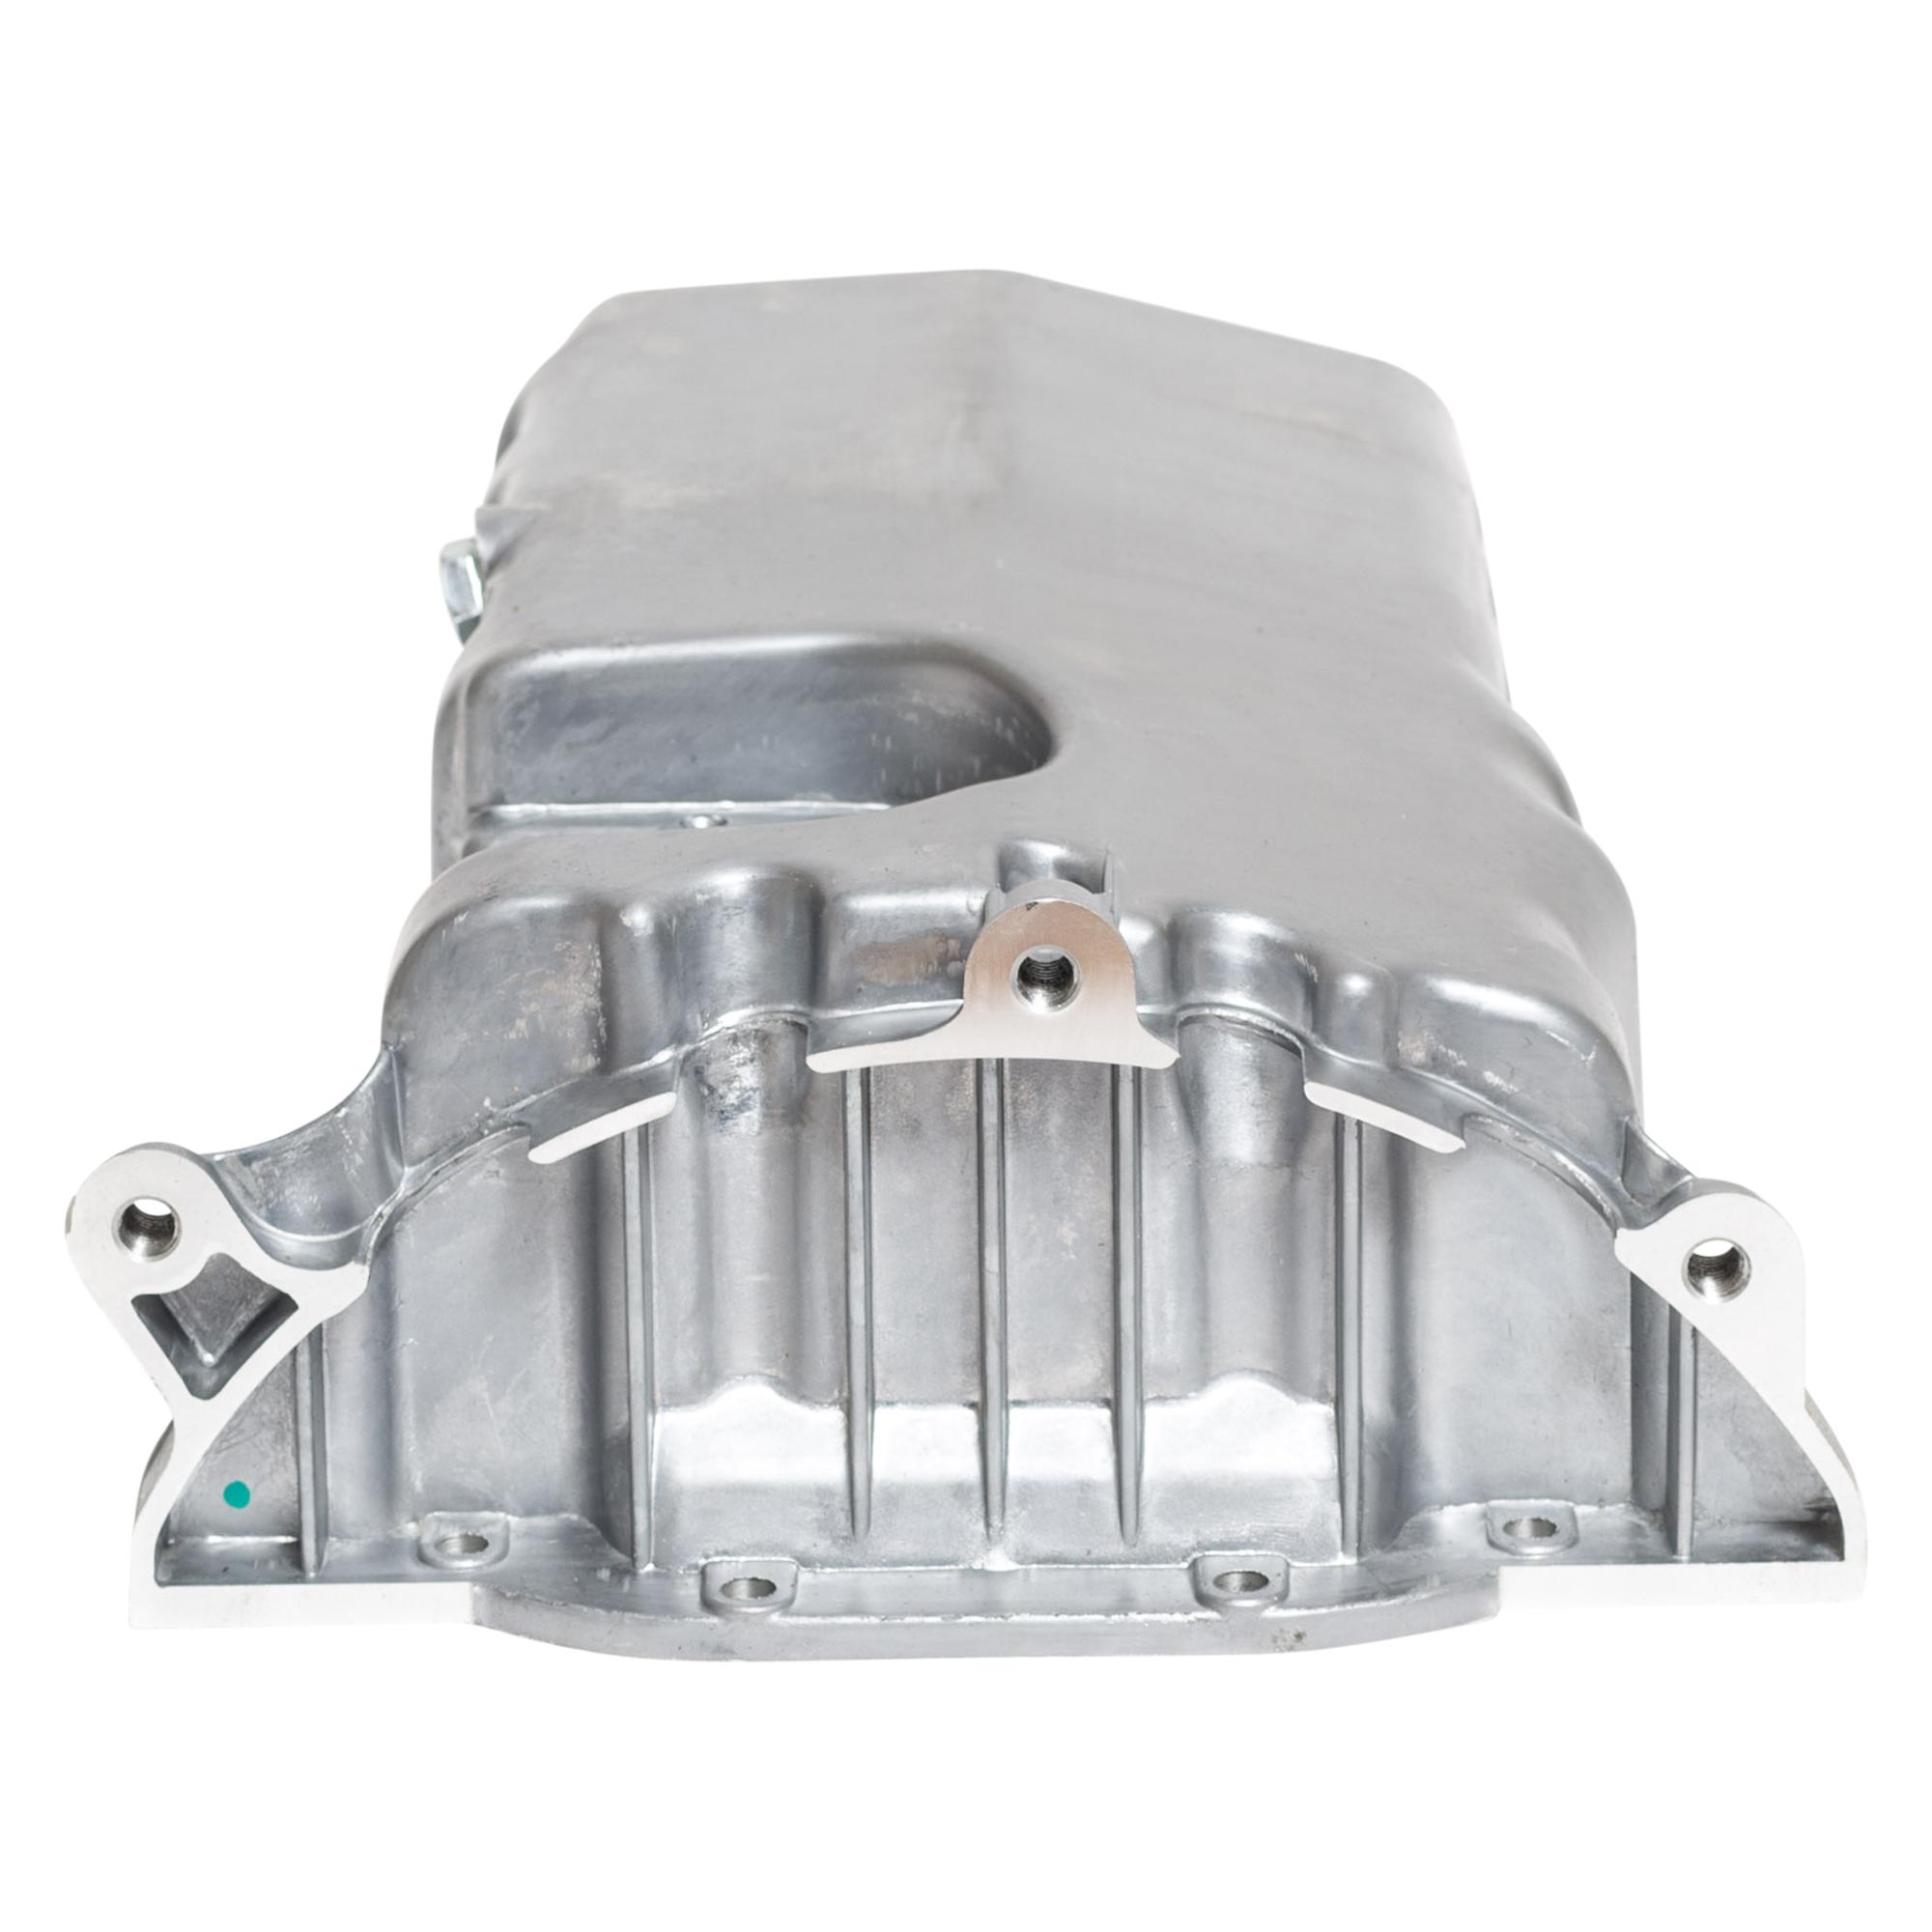 Vw Bug Motor Oil: Engine Oil Pan For 1999-2005 VW Volkswagen Passat Audi A4